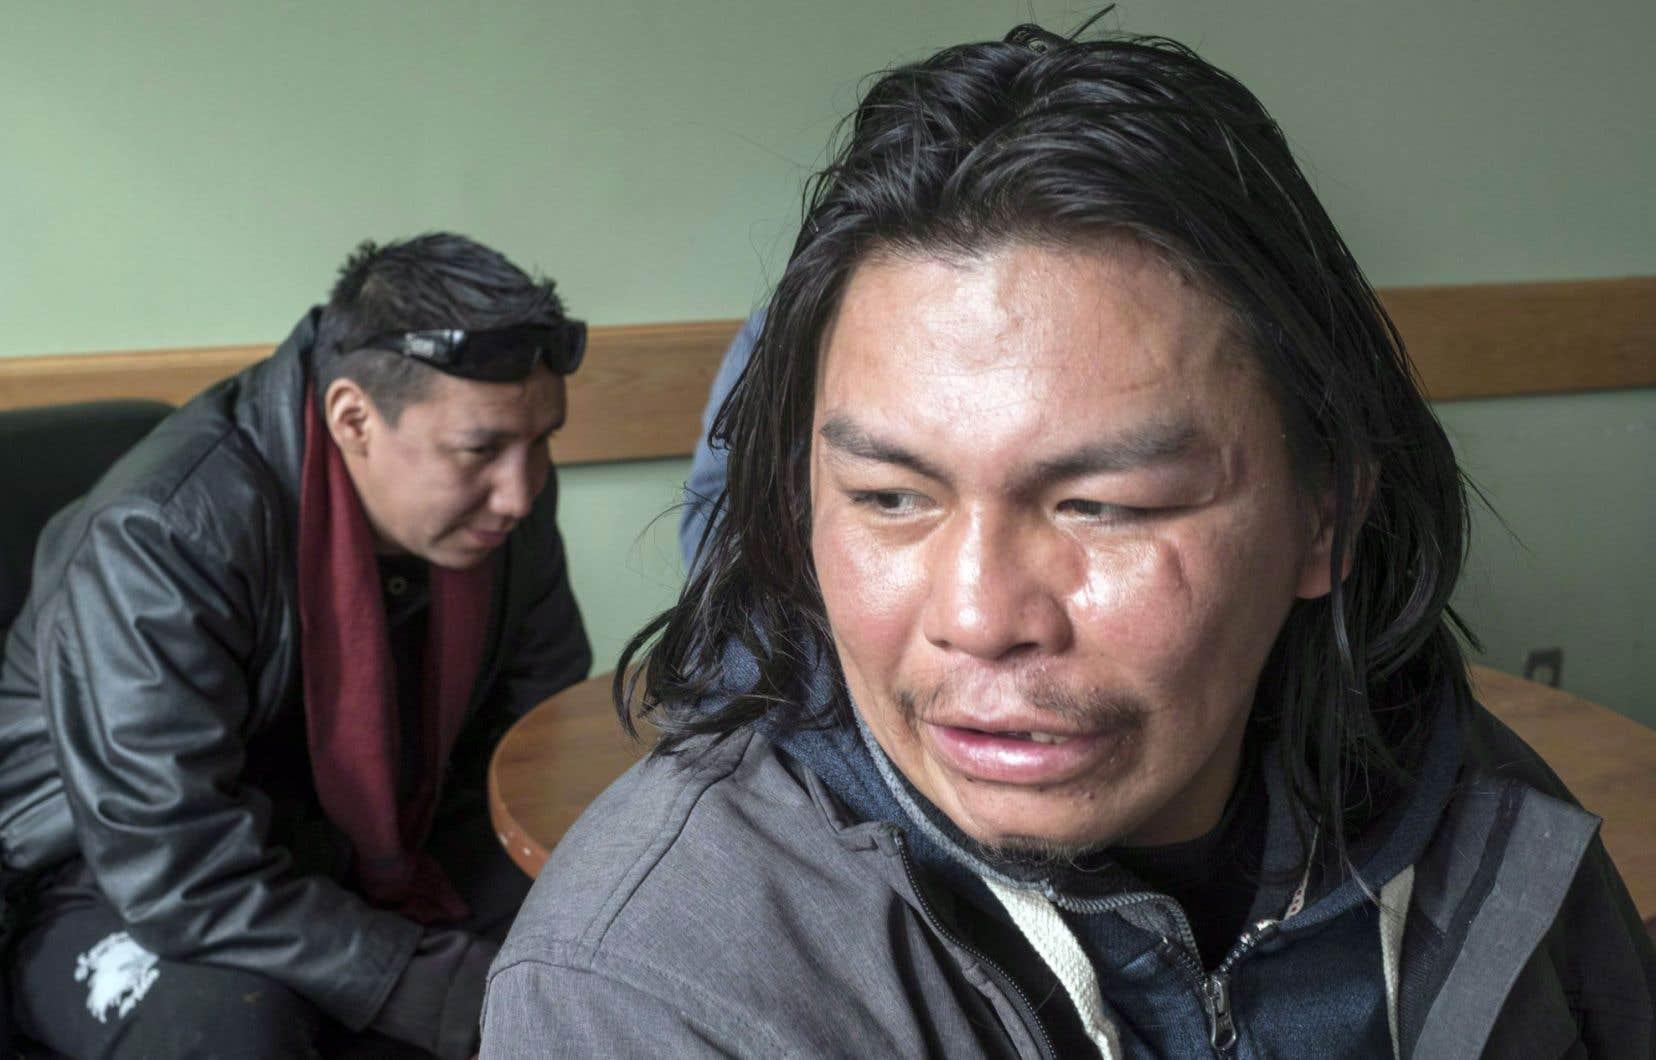 À Thunder Bay, ce sont les autochtones qui sont le plus souvent victimes de crimes haineux.